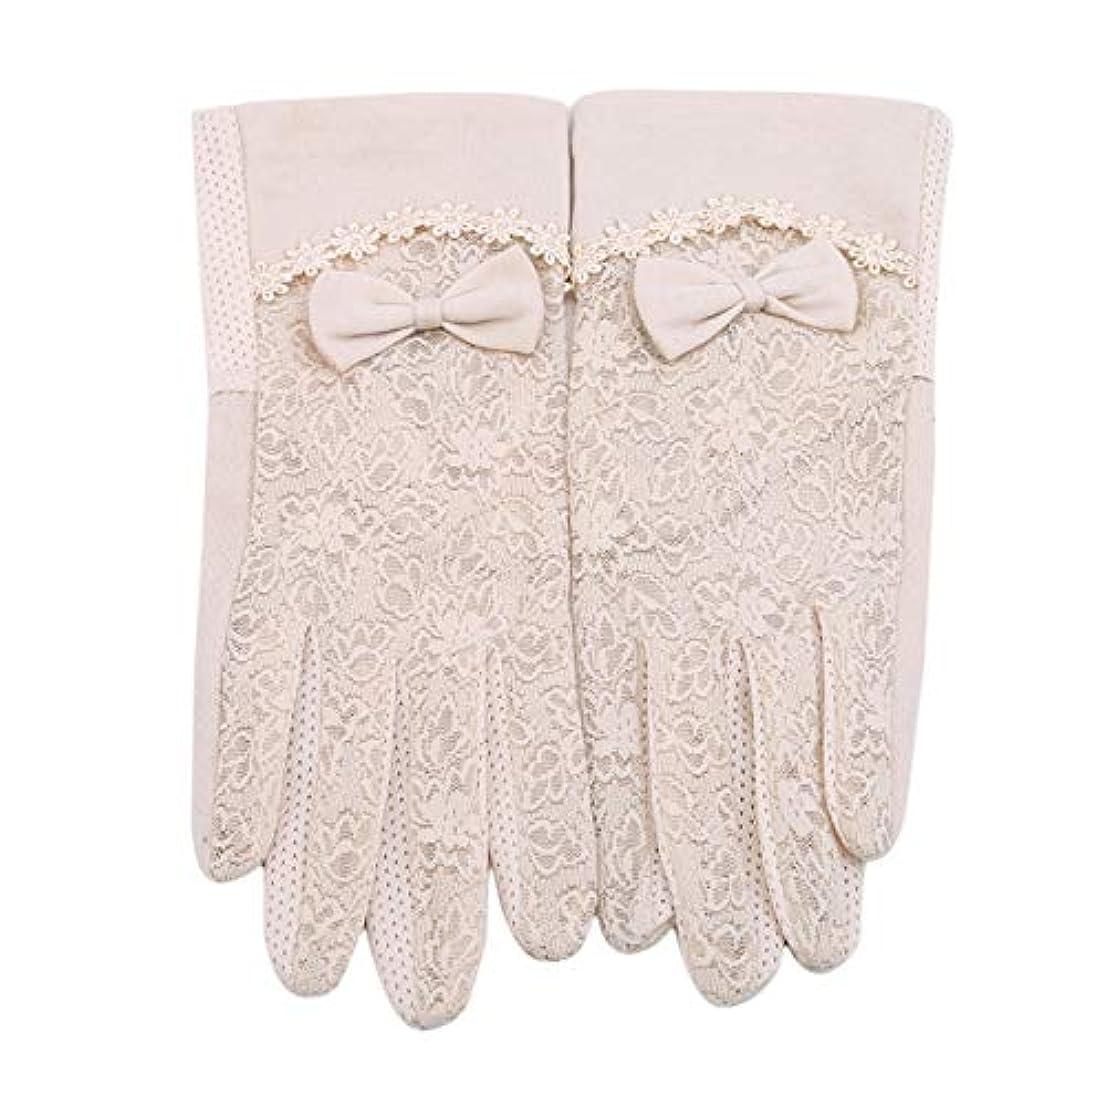 文ベーシック空虚MODMHB 手袋 UVカット 手触りが良い 紫外線カット 日焼け防止 ハンド ケア 手荒い対策 保湿 保護 抗菌 防臭